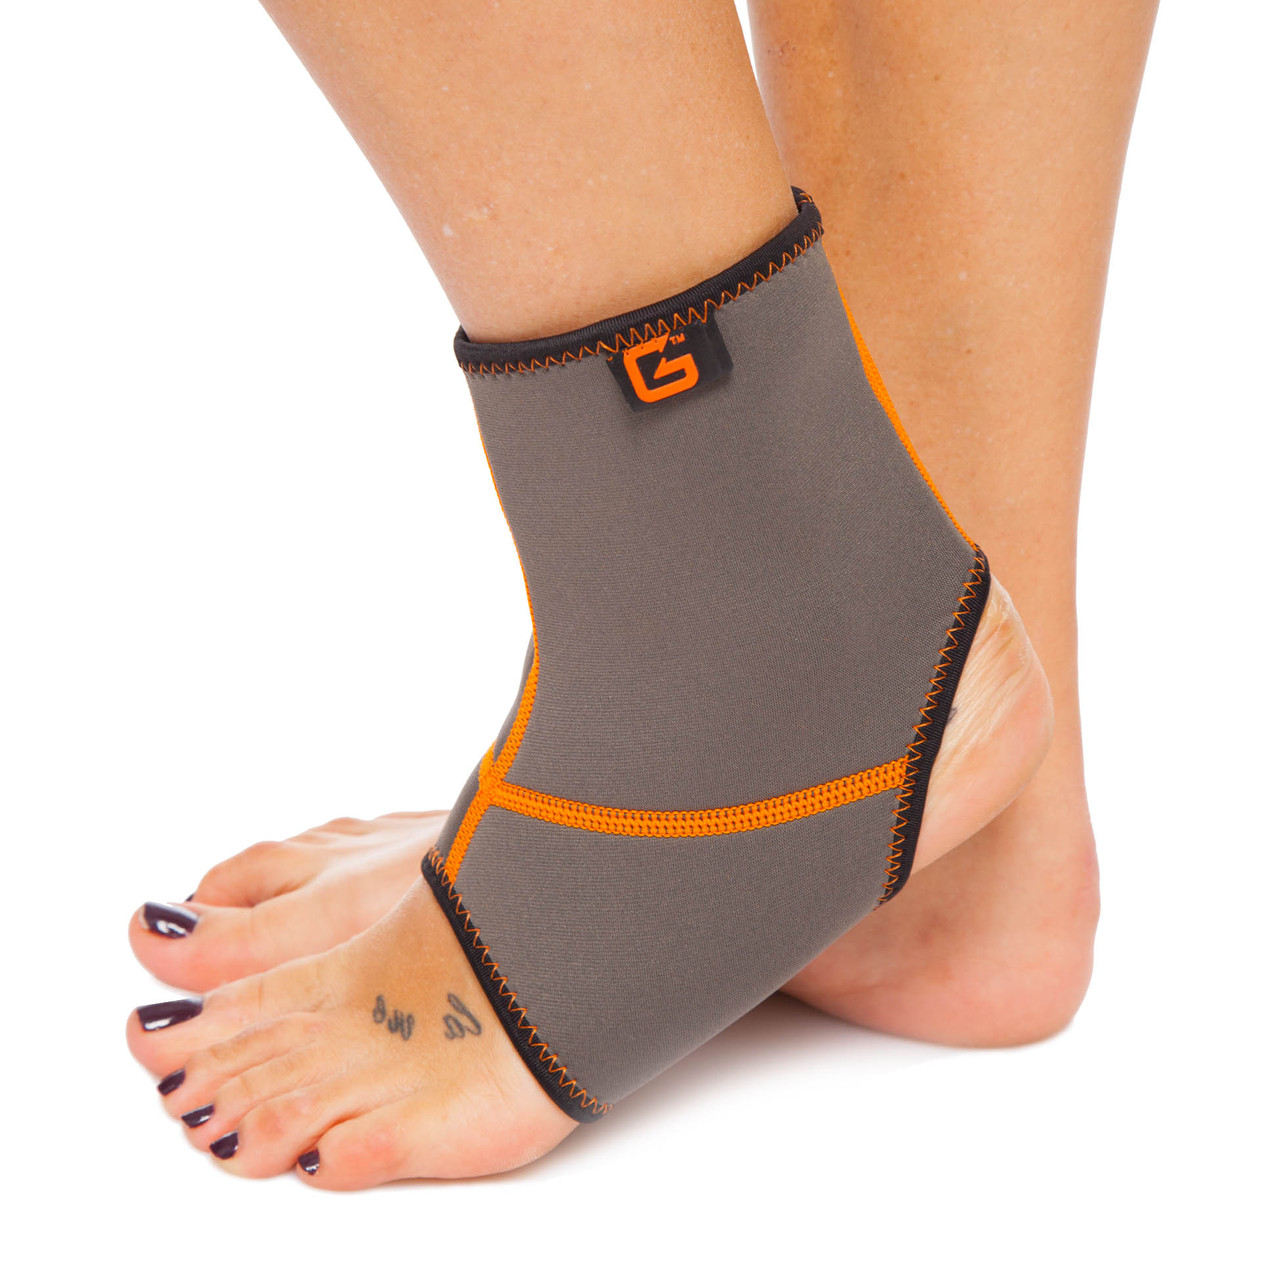 Голеностоп (бандаж голеностопного сустава) неопреновый (1шт) GS-670 (NY, каучук,р-р S-XL,серый-оранжевый)